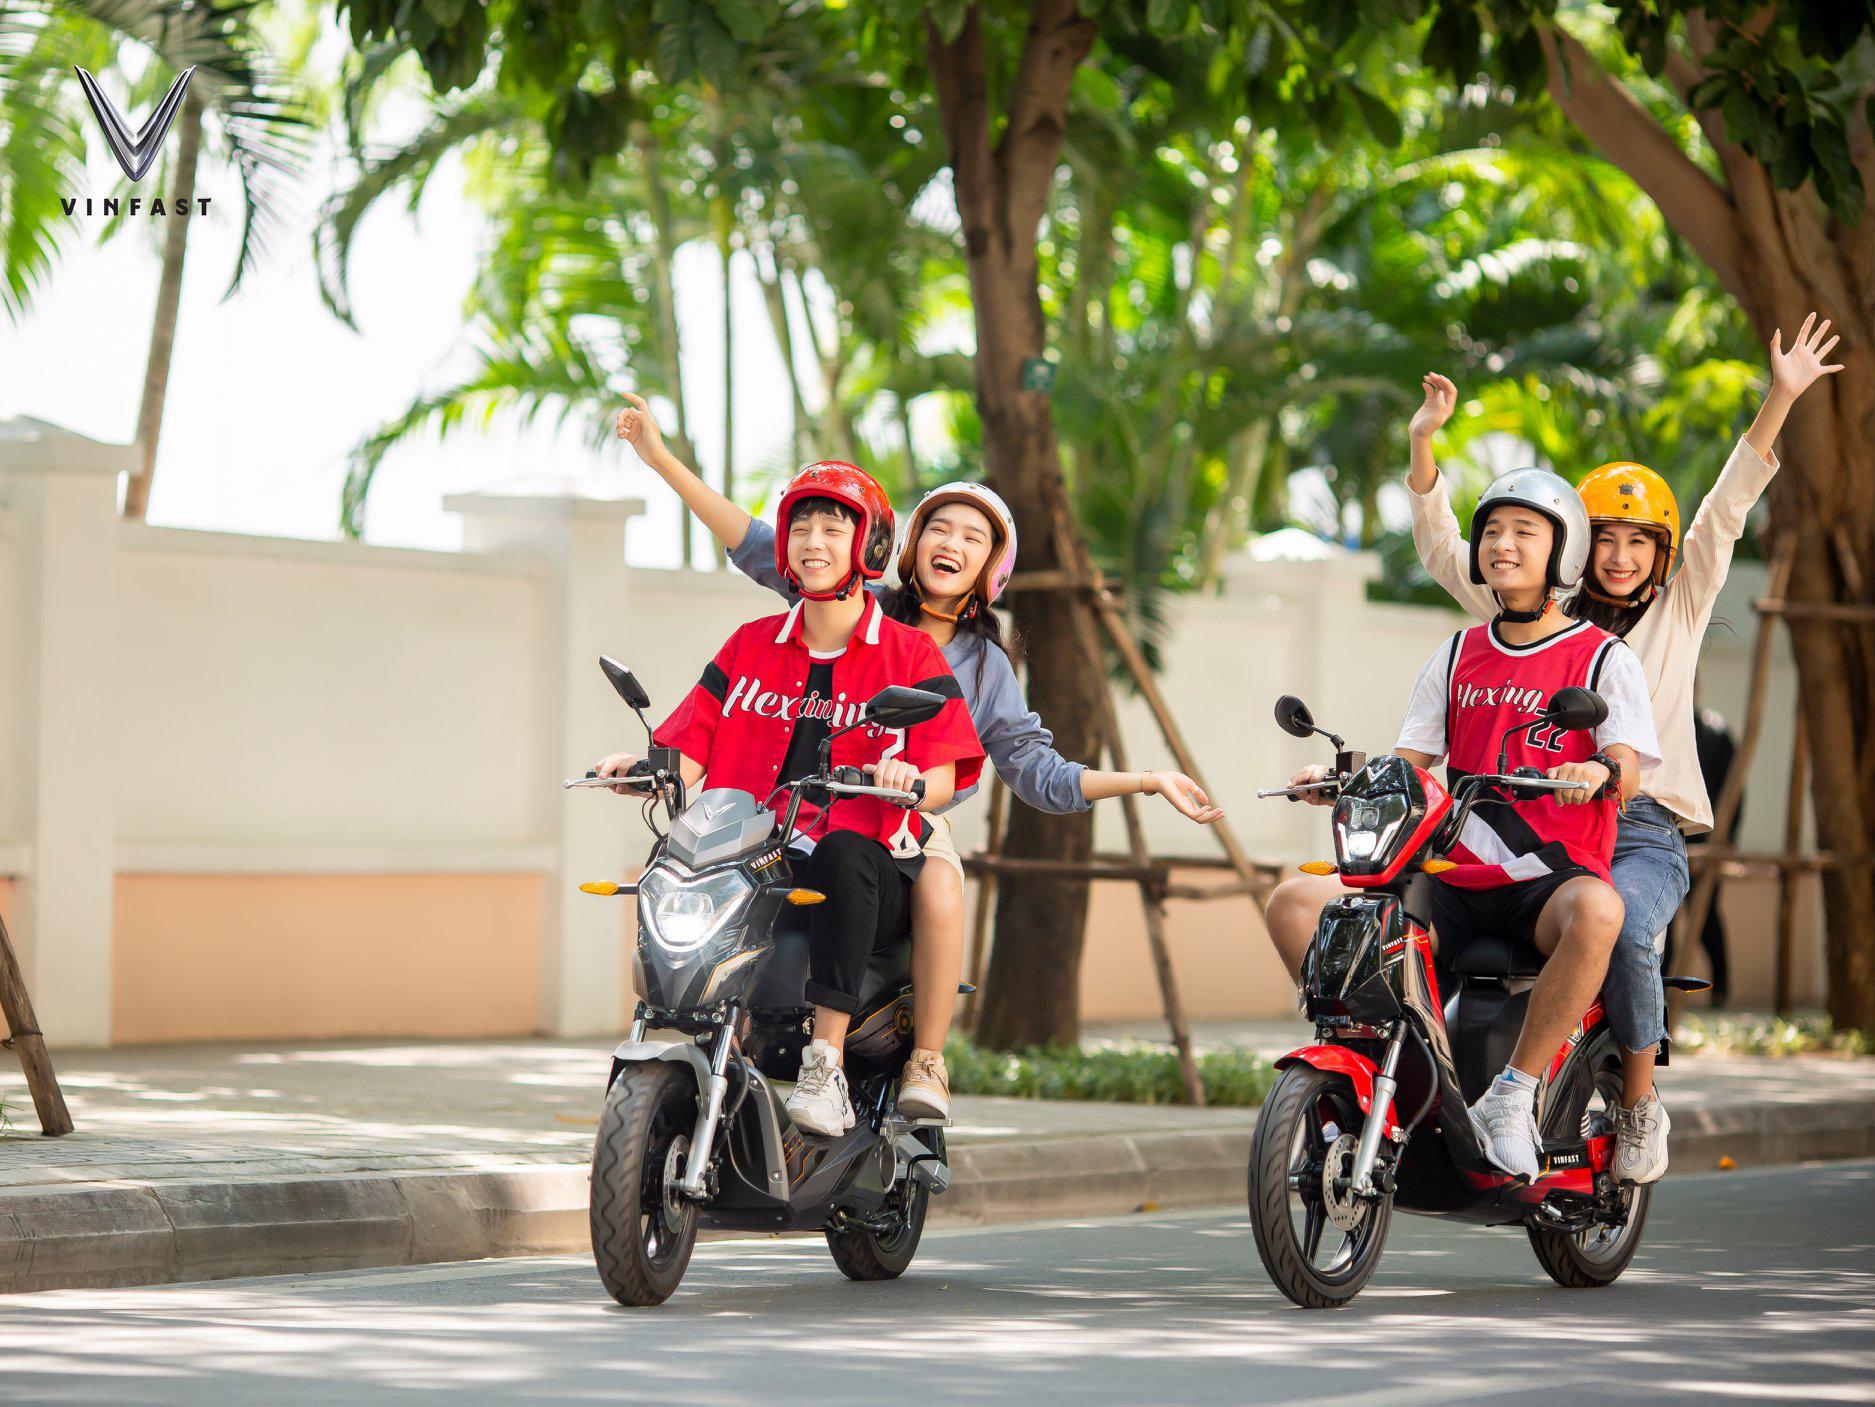 Ra mắt mẫu mới, xe máy điện VinFast của tỉ phú Phạm Nhật Vượng giảm giá đến 10 triệu đồng - Ảnh 3.